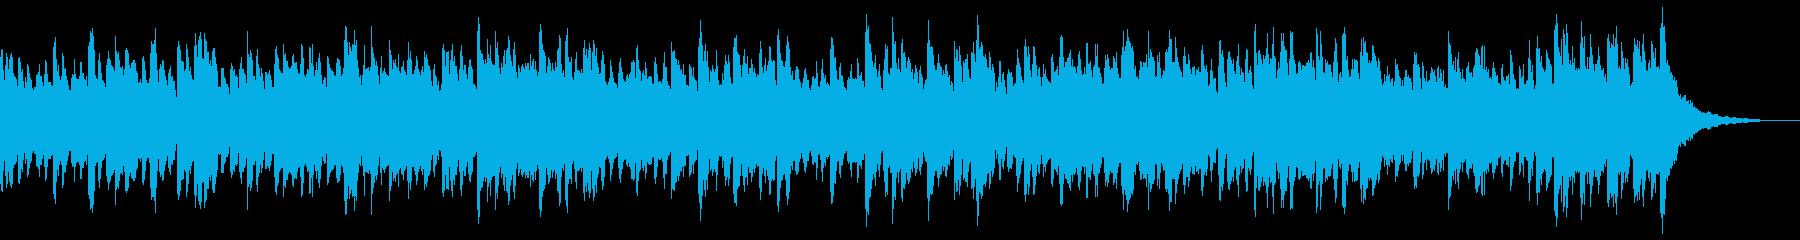 無機質で透明感のあるクールなピアノBGMの再生済みの波形